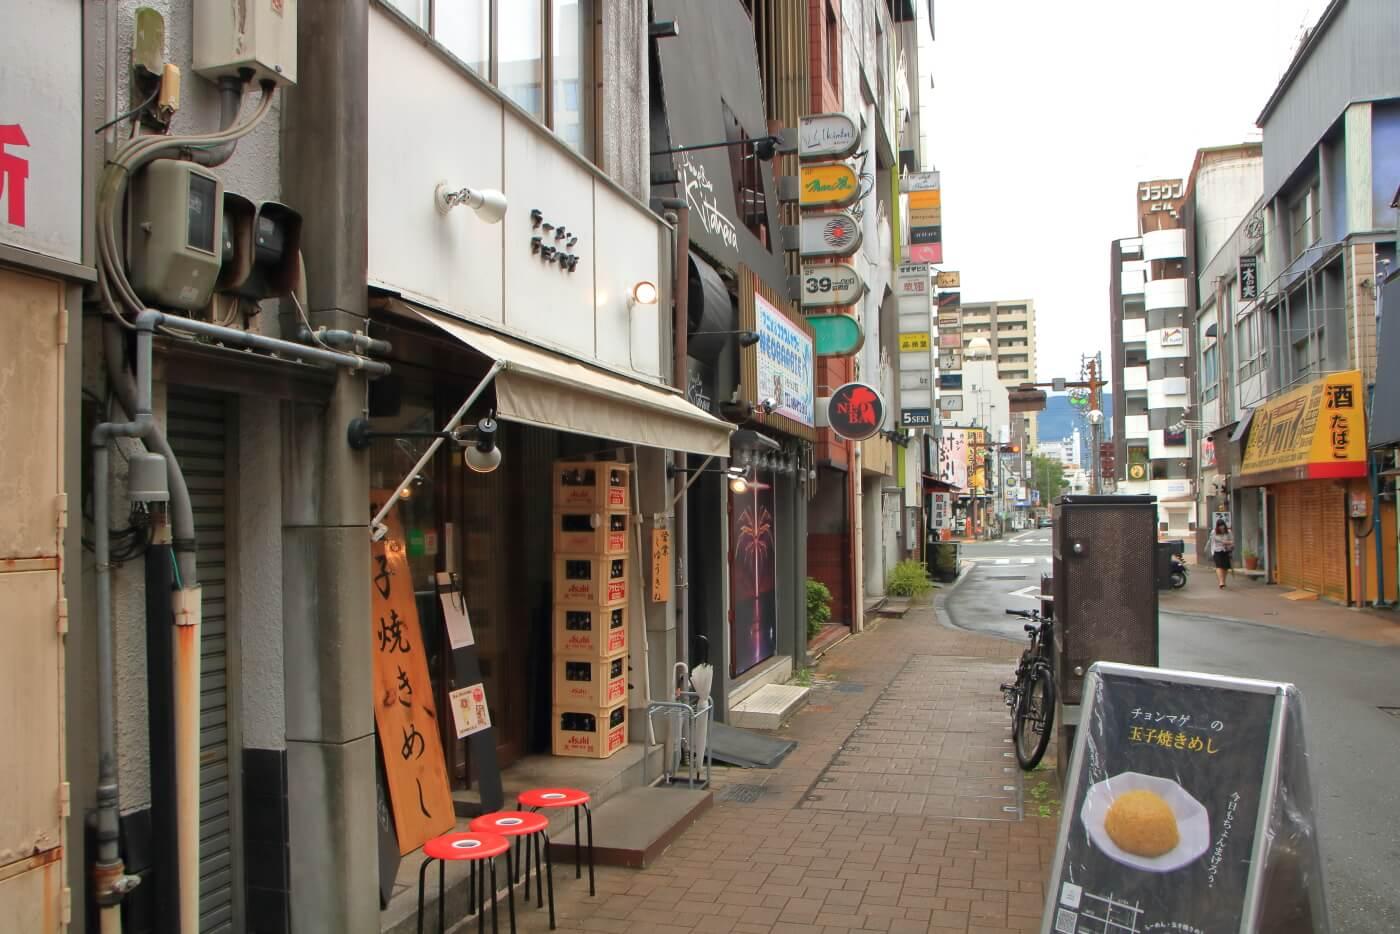 高知市のラーメン店チョンマゲの外観